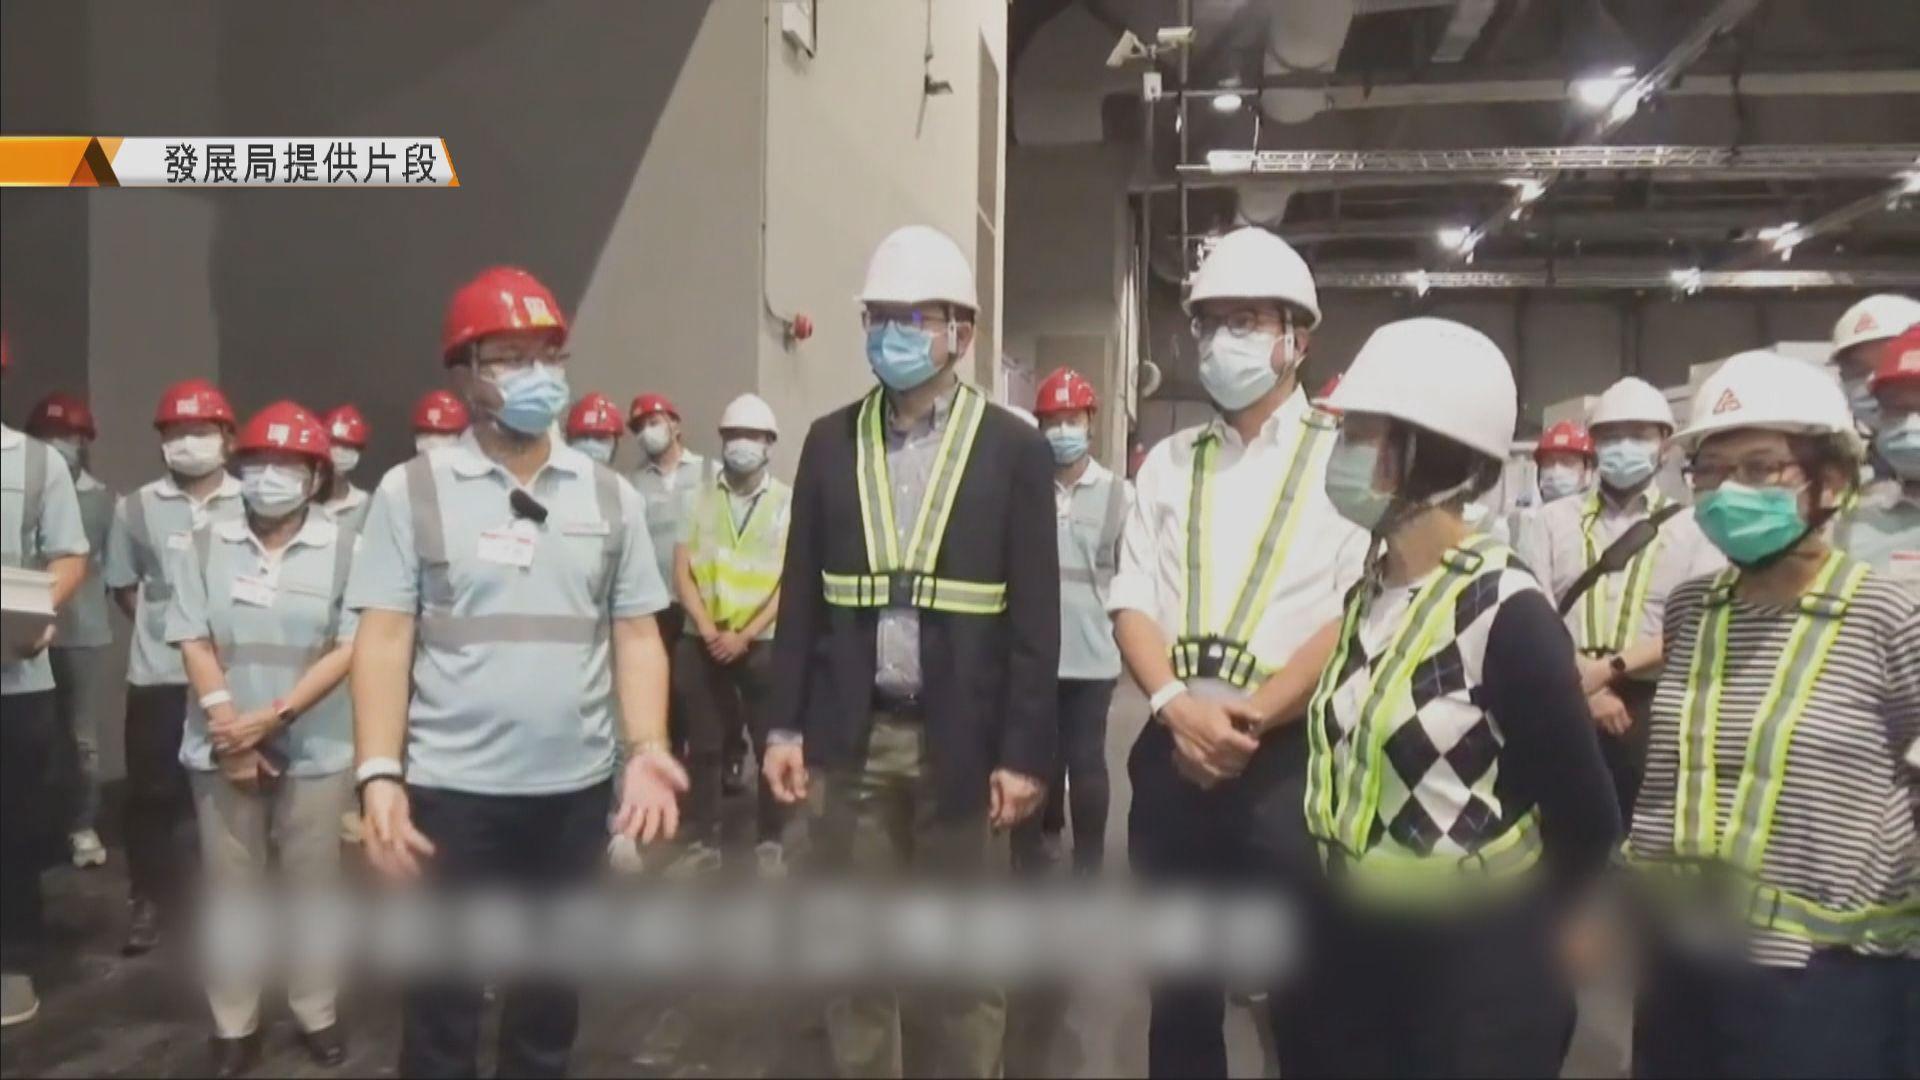 黃偉綸:亞博改建及臨時醫院興建進展順利